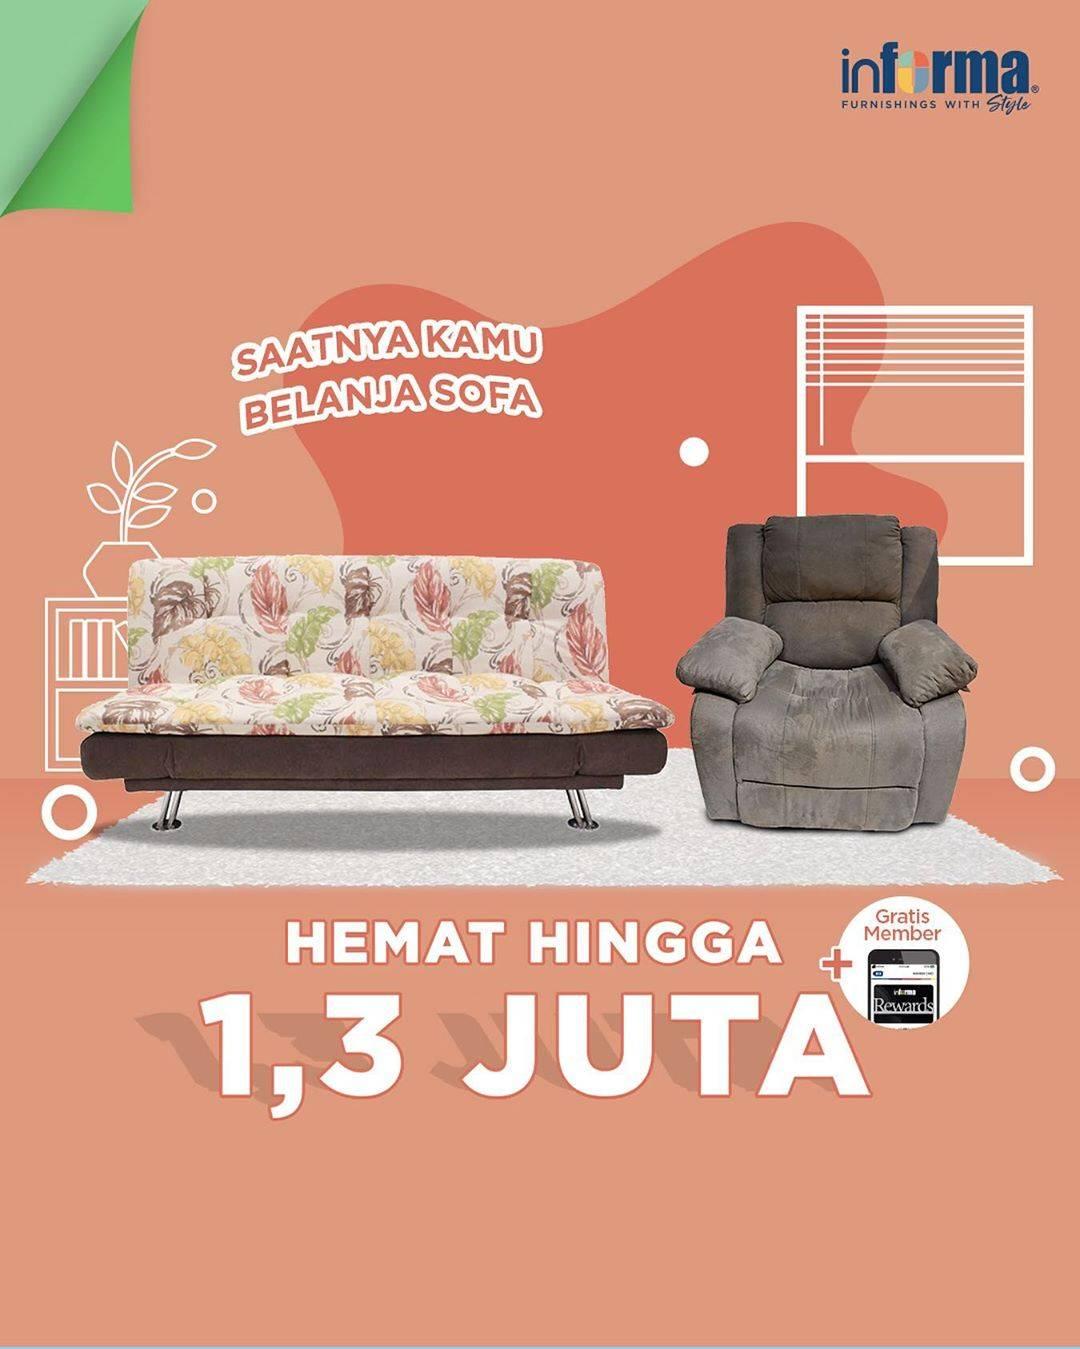 Informa Promo Hemat Rp. 1,3 Juta + Gratis Member Untuk Pembelian Item Pilihan